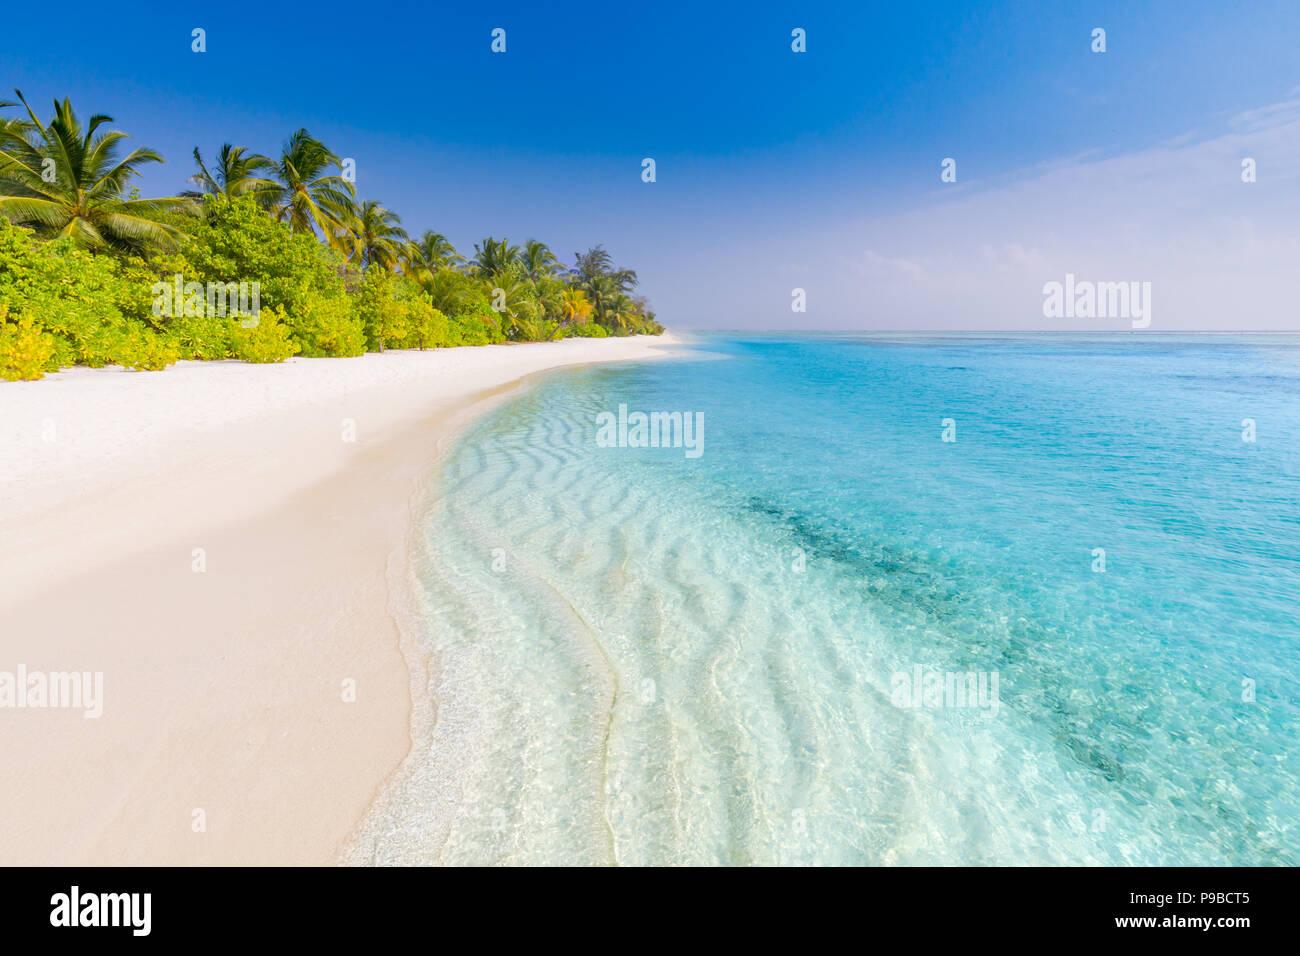 Belle plage avec des palmiers et moody sky. Les vacances d'été vacances voyage concept d'arrière-plan. Maldives Paradise beach. Voyage d'été de luxe Photo Stock